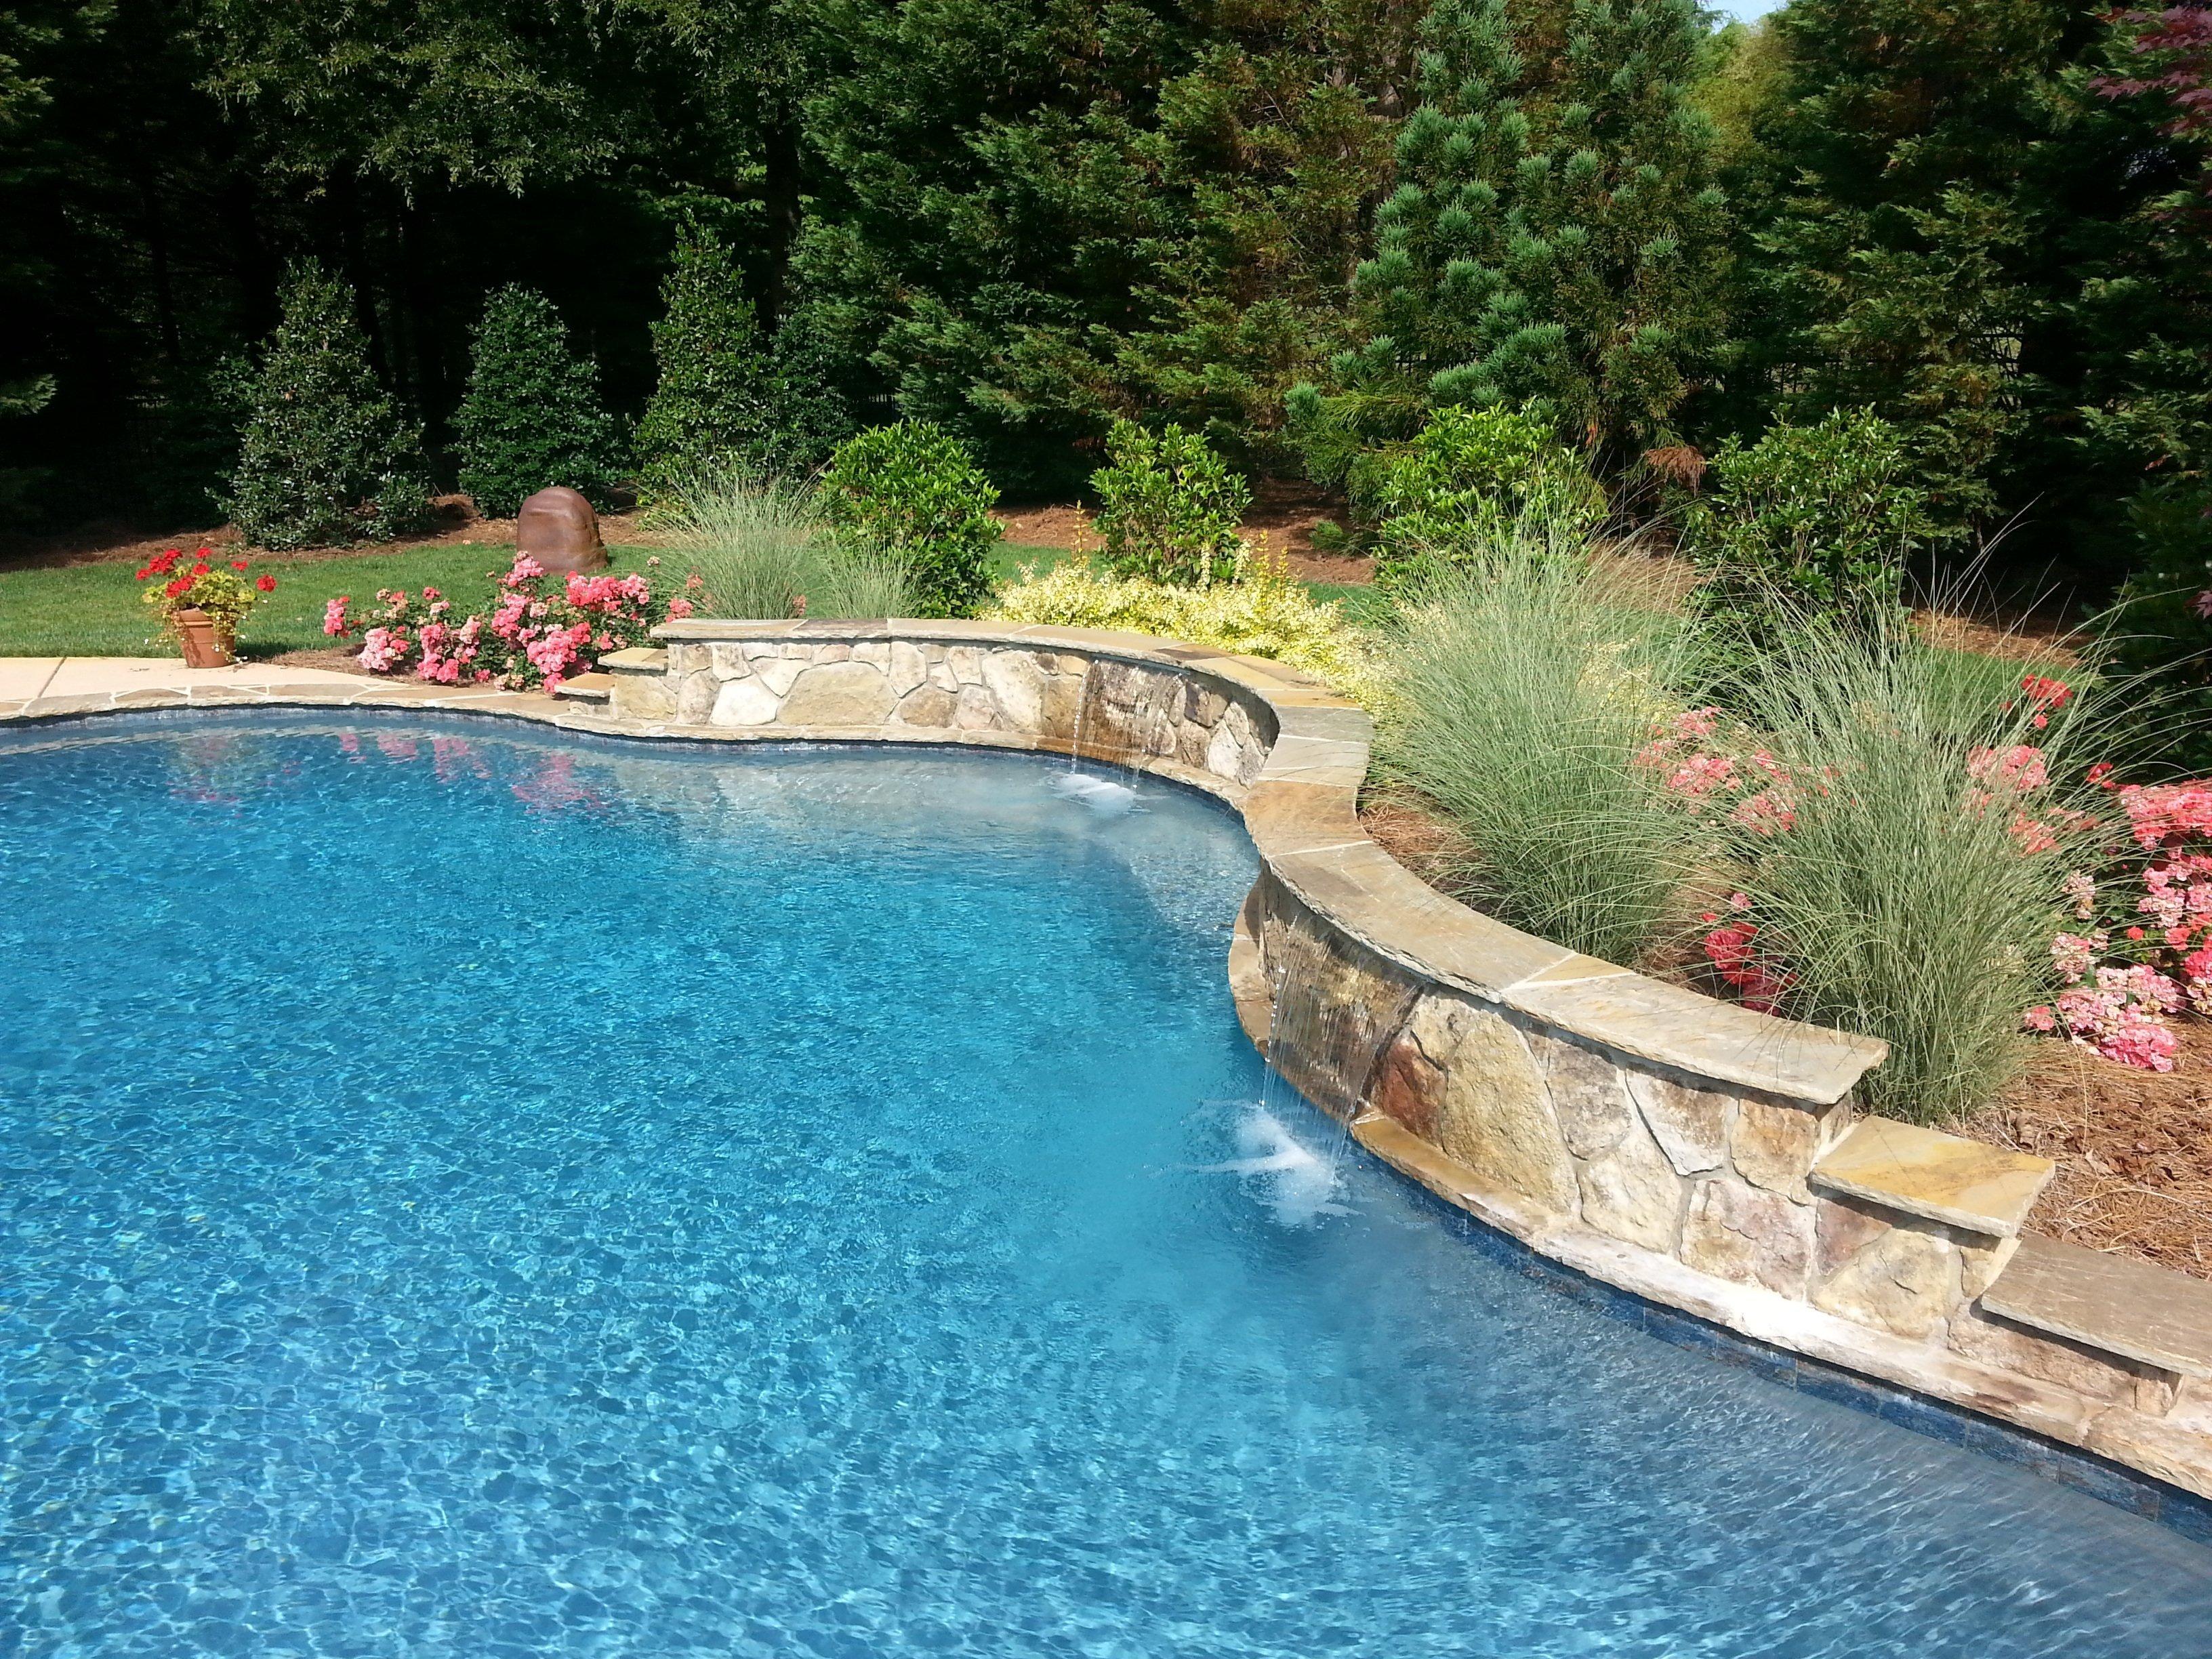 custom pool contractors Waxhaw NC